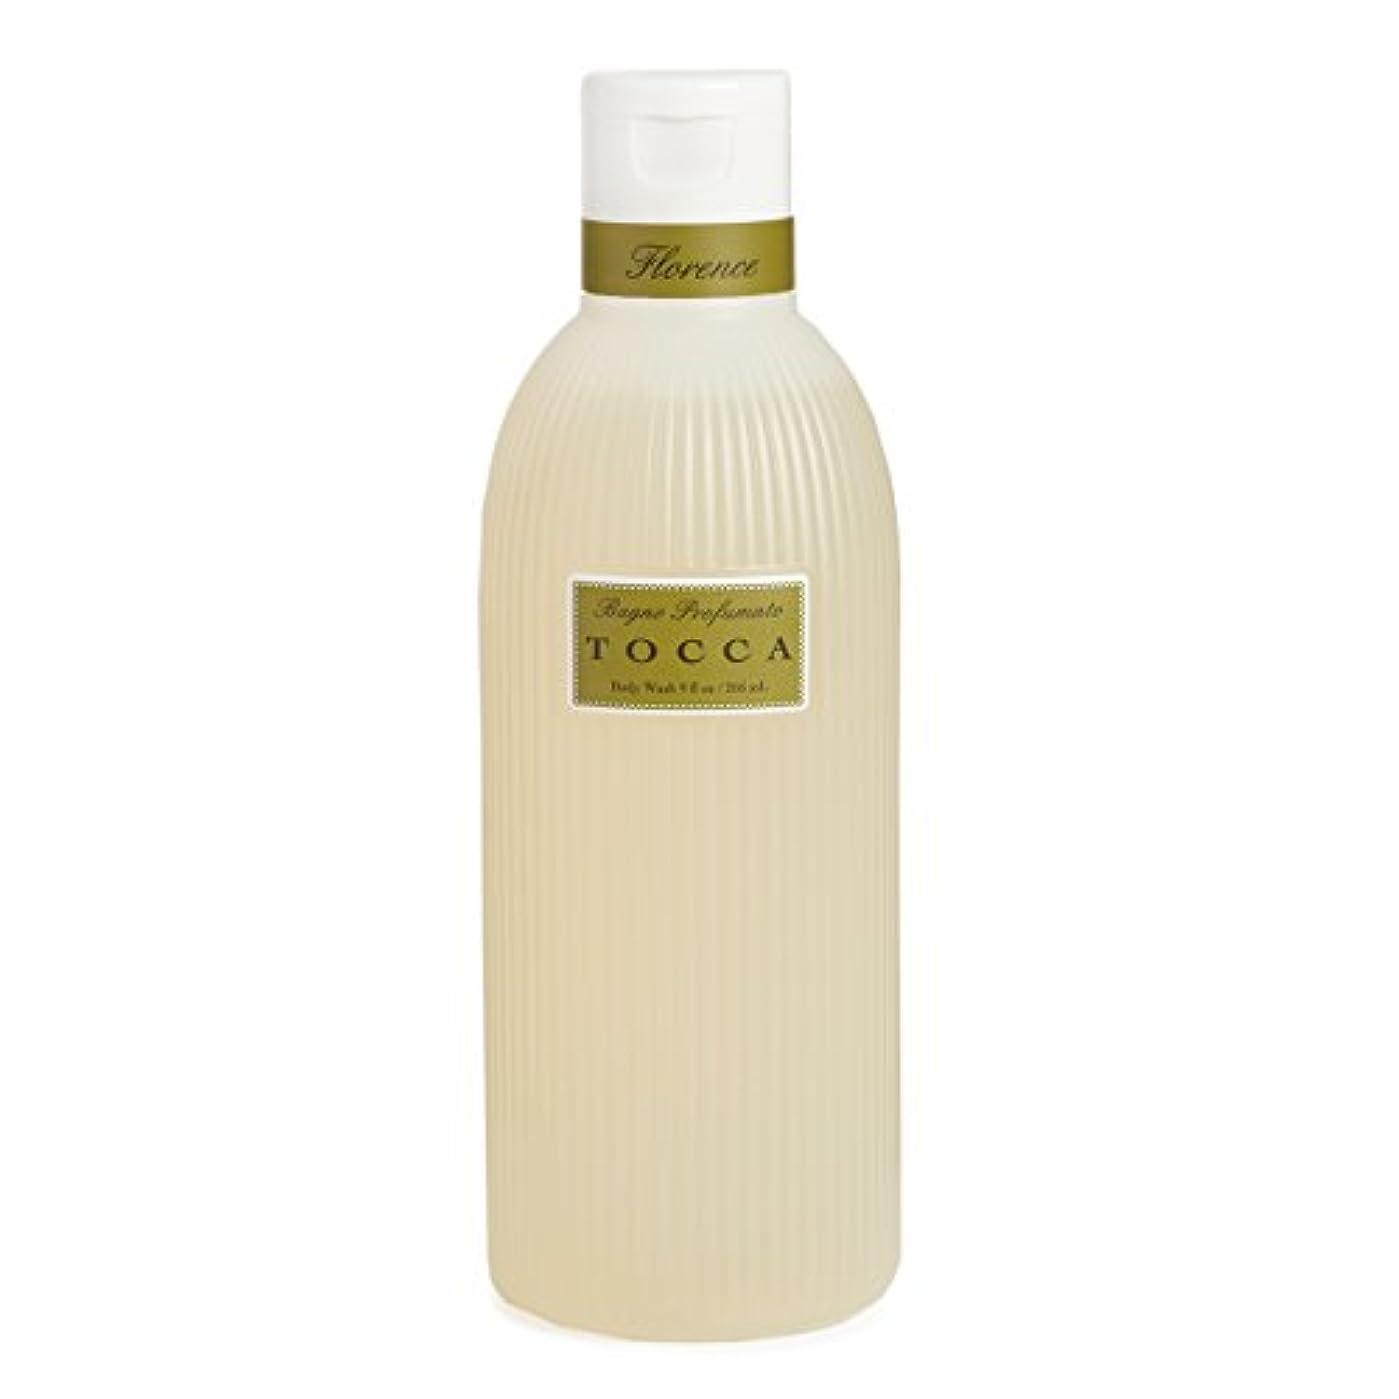 しなやかな変わる流行しているトッカ(TOCCA) ボディーケアウォッシュ フローレンスの香り 266ml(全身用洗浄料 ボディーソープ ガーデニアとベルガモットが誘うように溶け合うどこまでも上品なフローラルの香り)